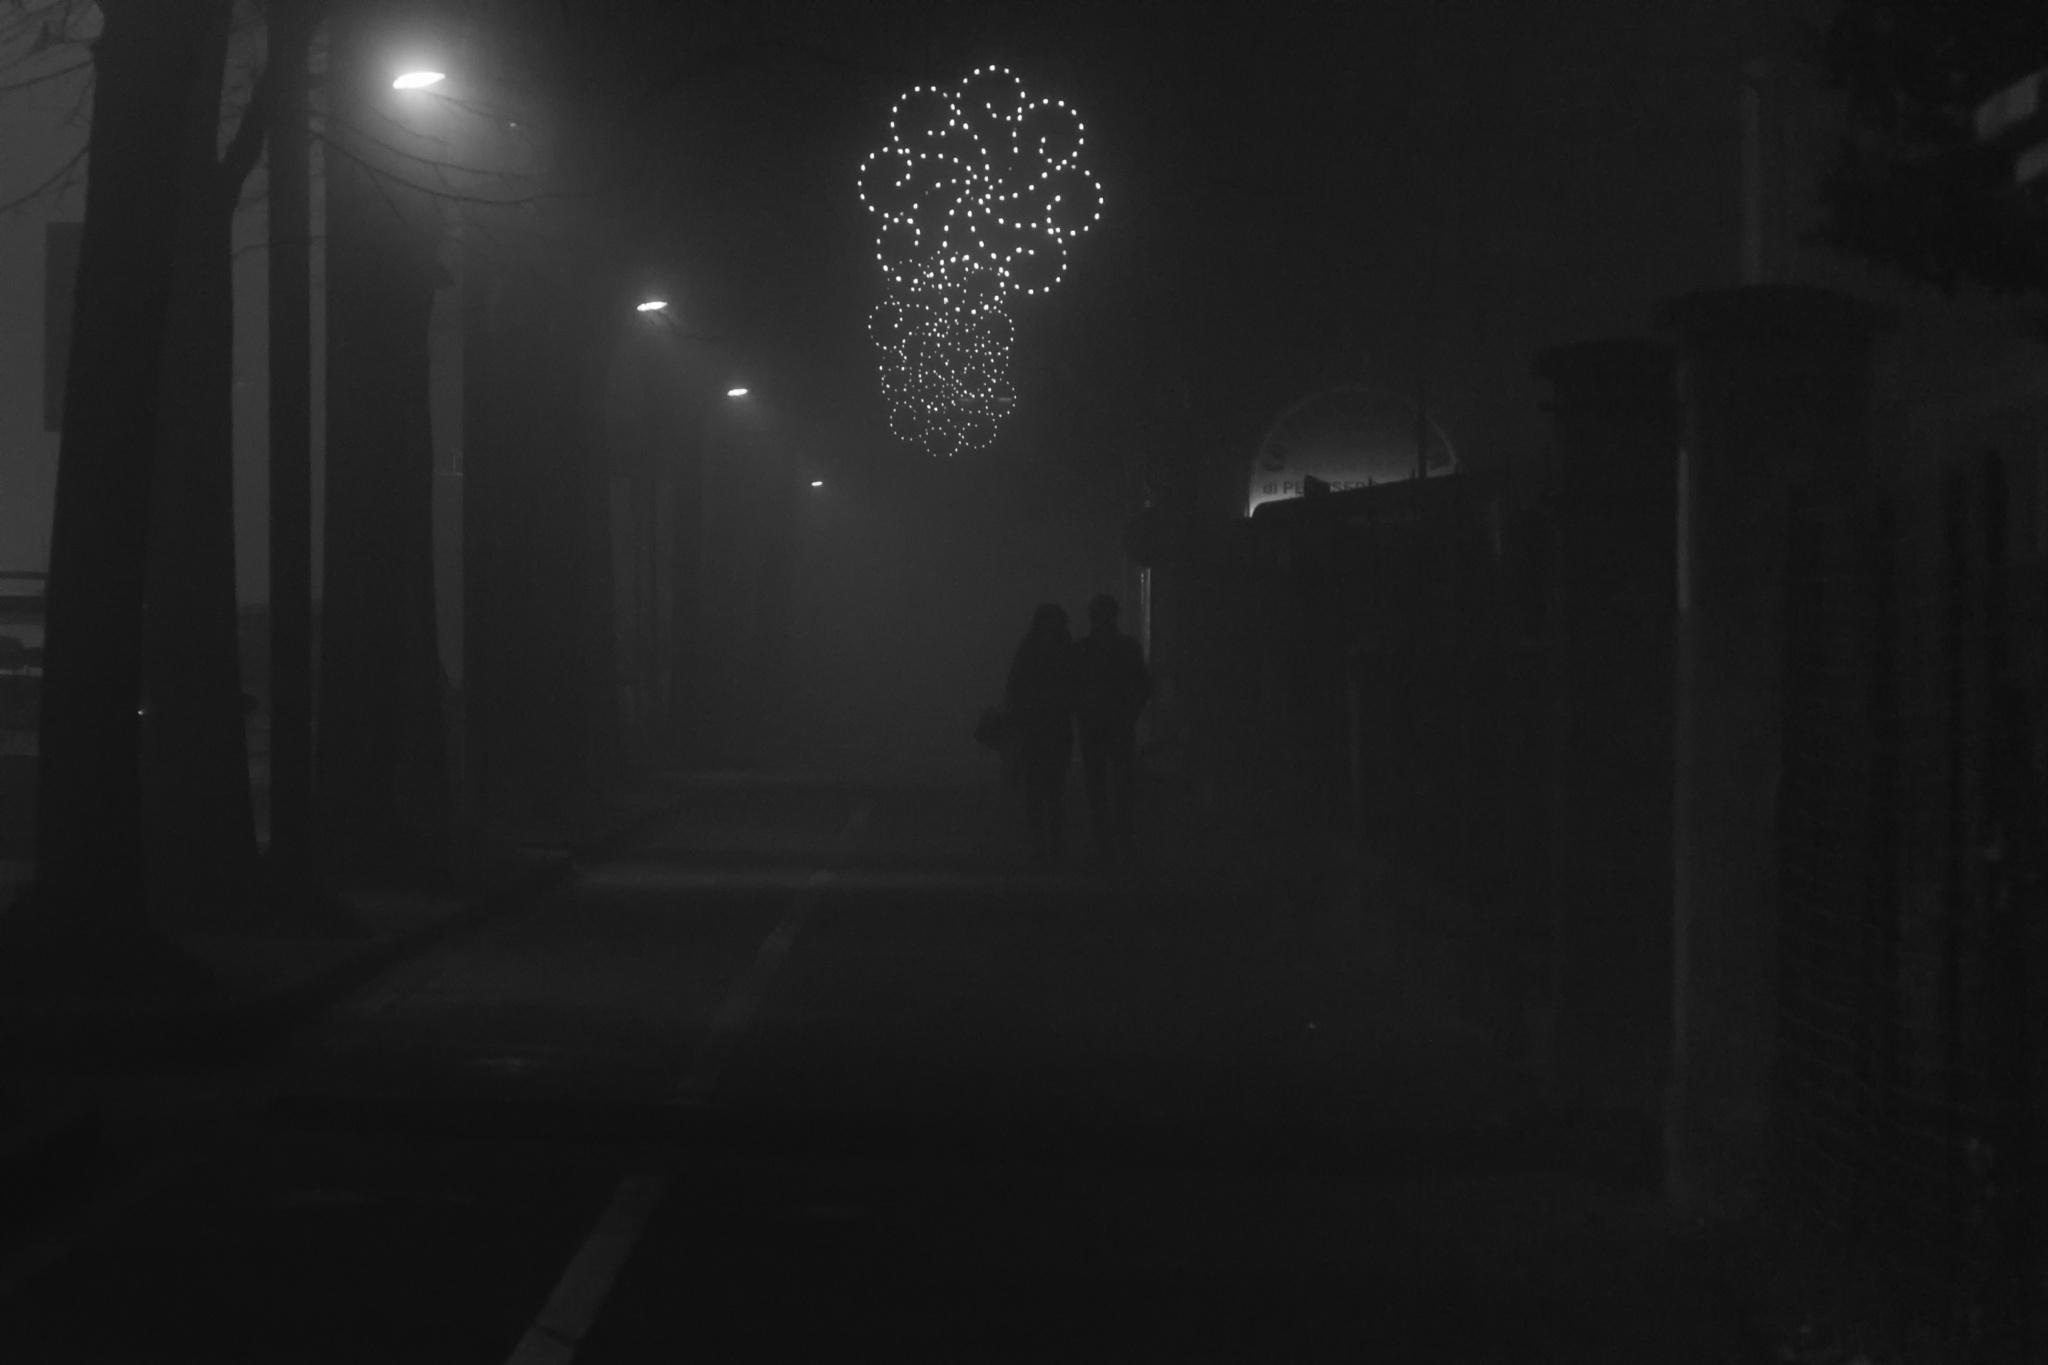 Lovers in the mist by FrancescoPala